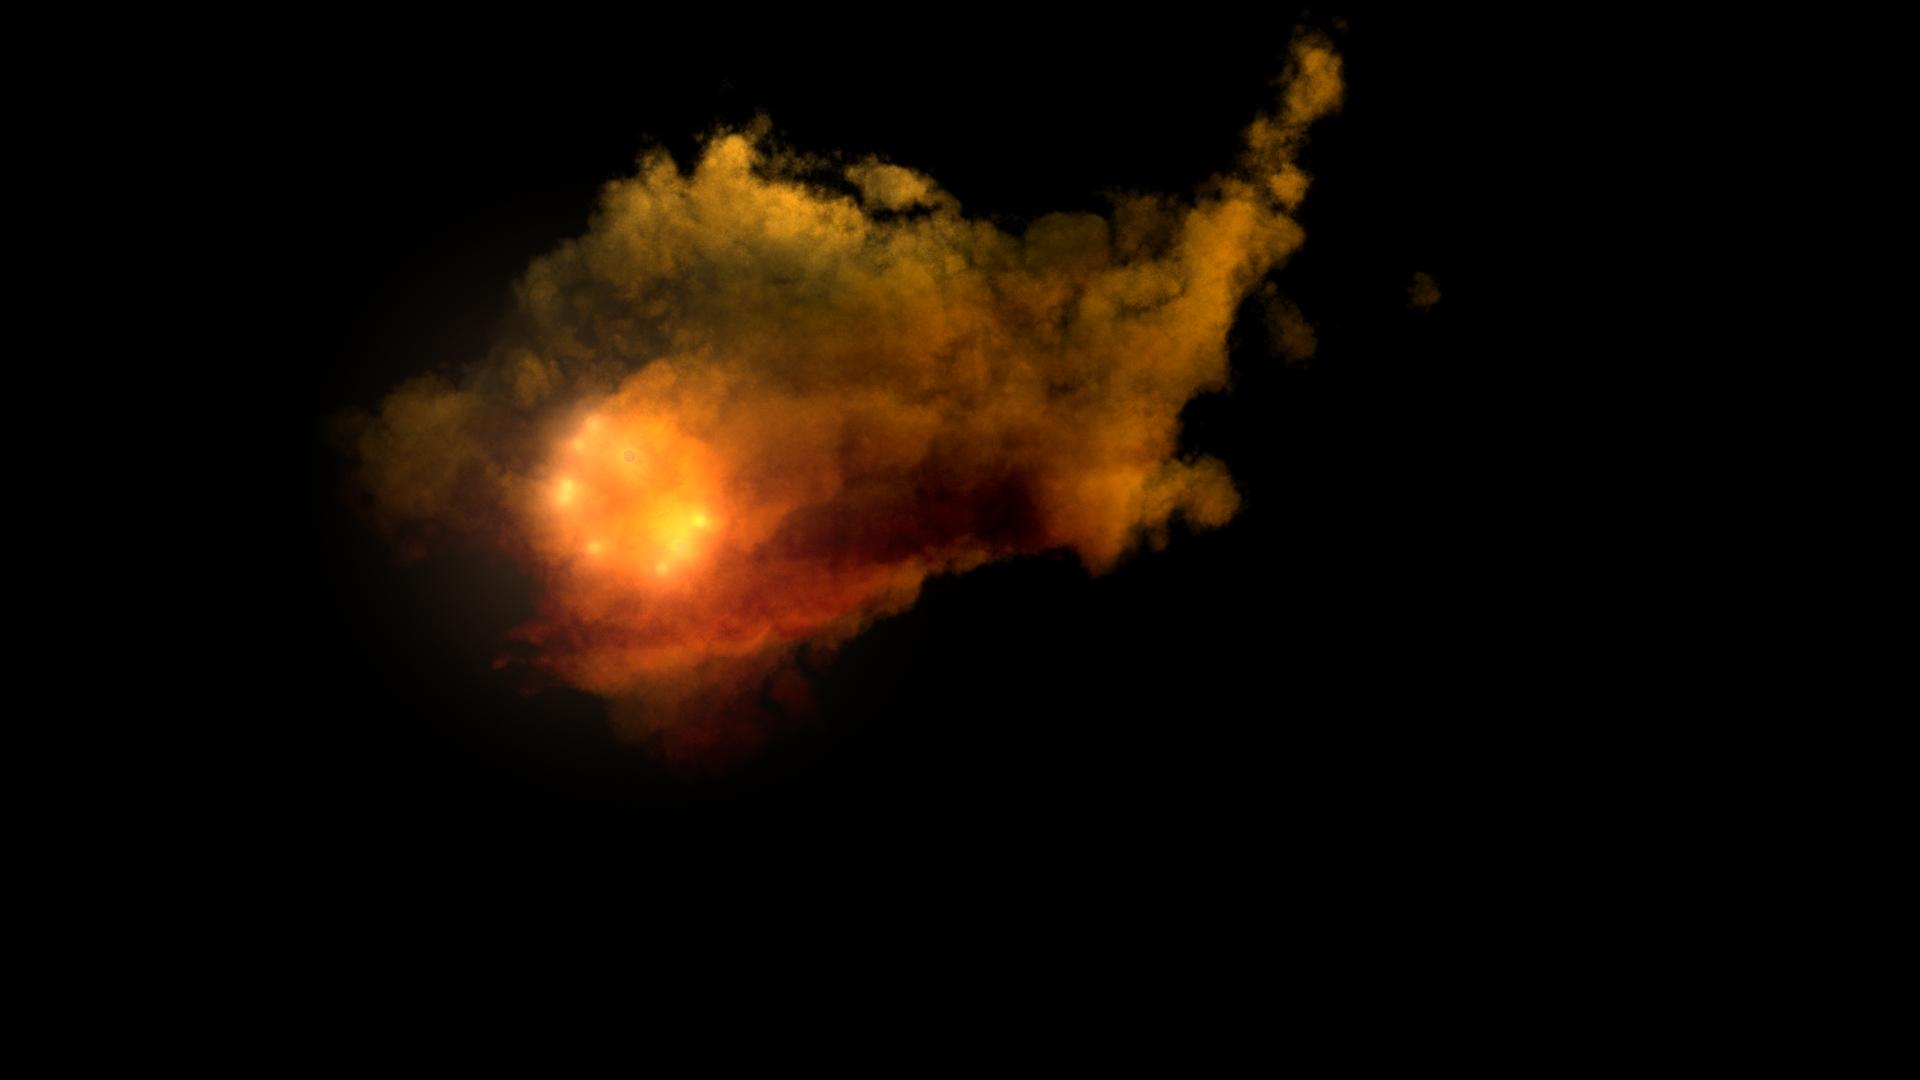 Cloud%2520Alien%2520Abduction.jpg